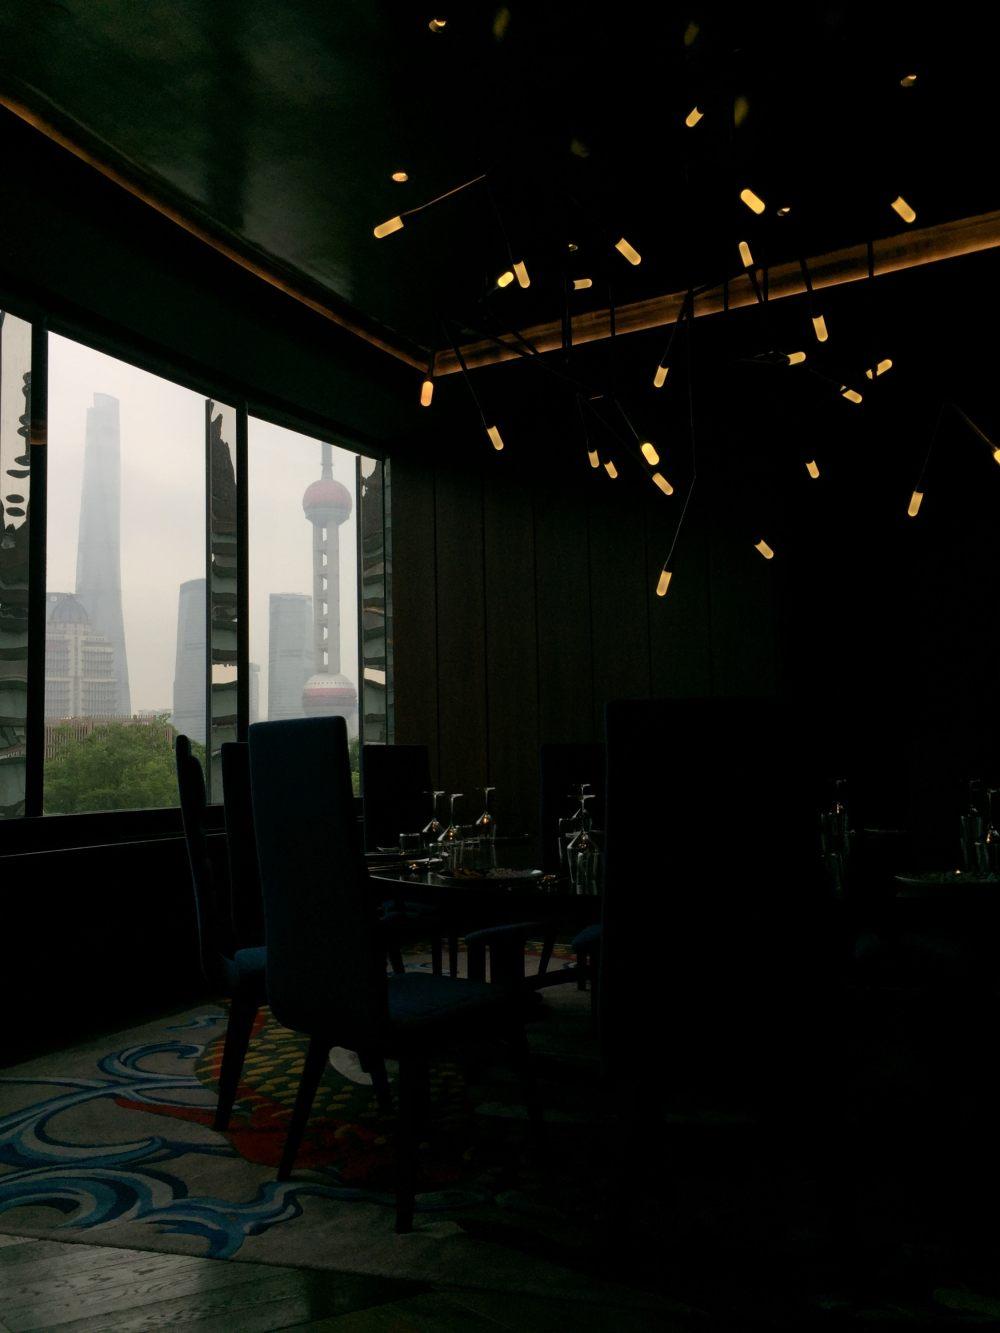 上海外滩W酒店,史上最全入住体验 自拍分享,申请置...._IMG_6355.JPG